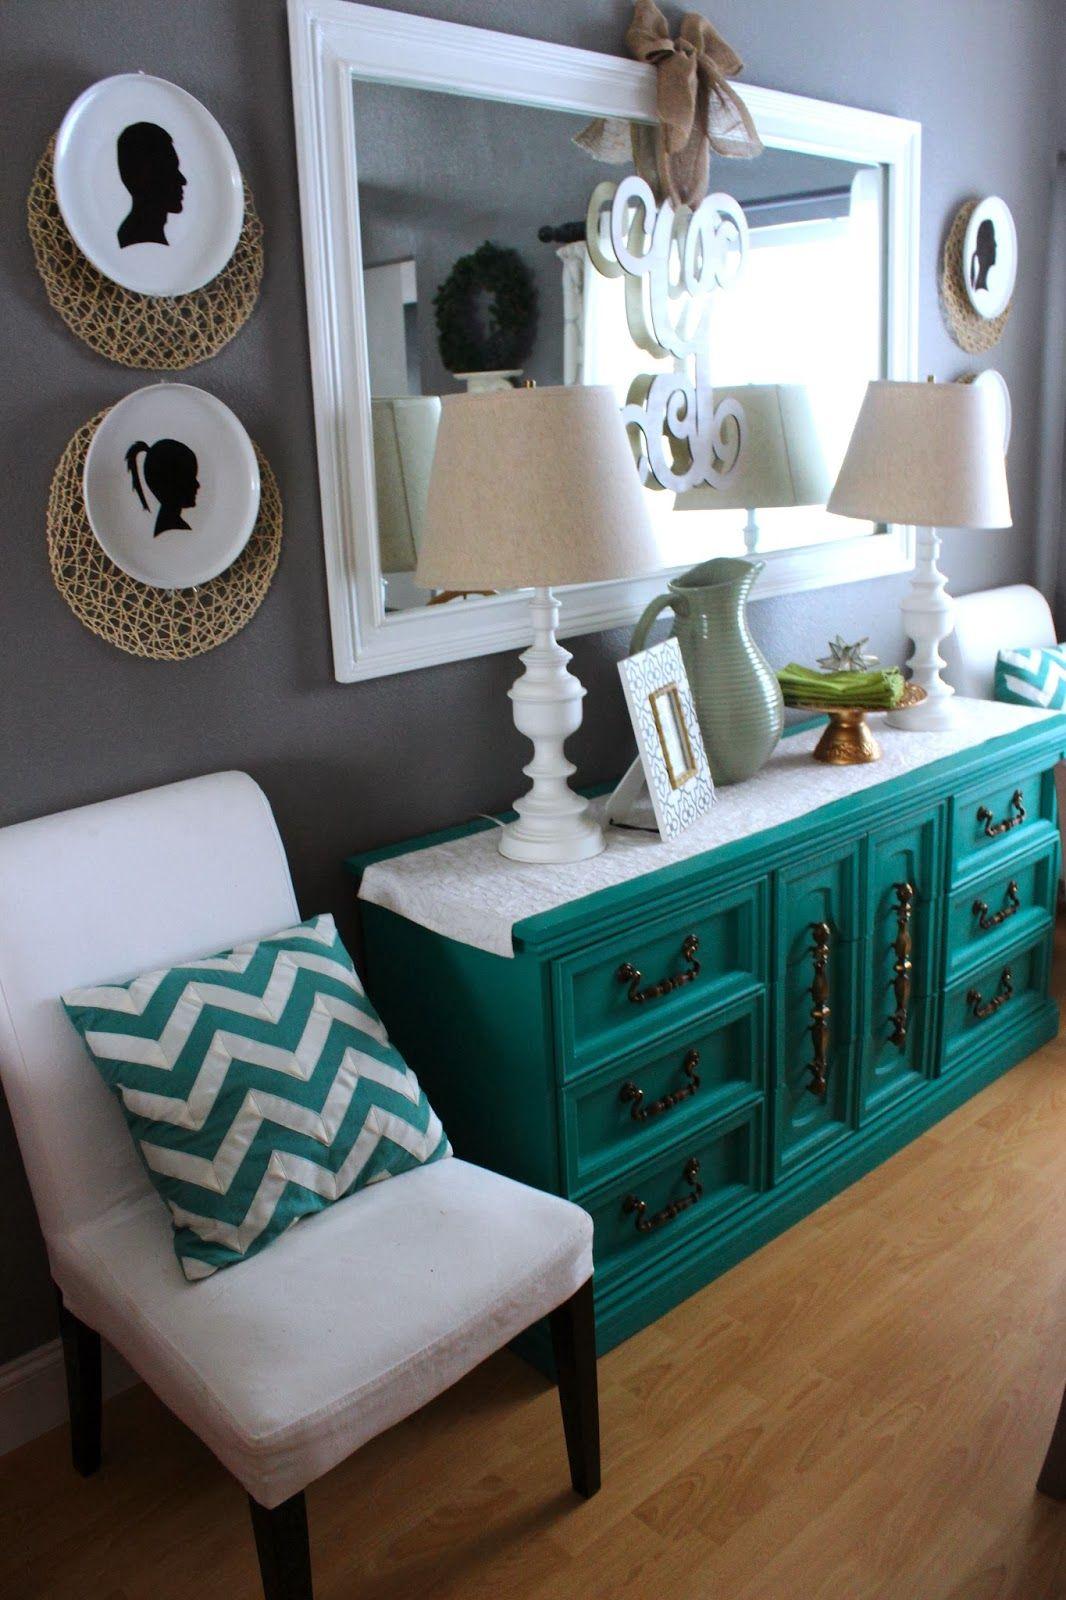 10 Ways To Revive An Old Dresser  Chalk Paint Dresser And Wood Entrancing Craigslist Living Room Set Design Ideas